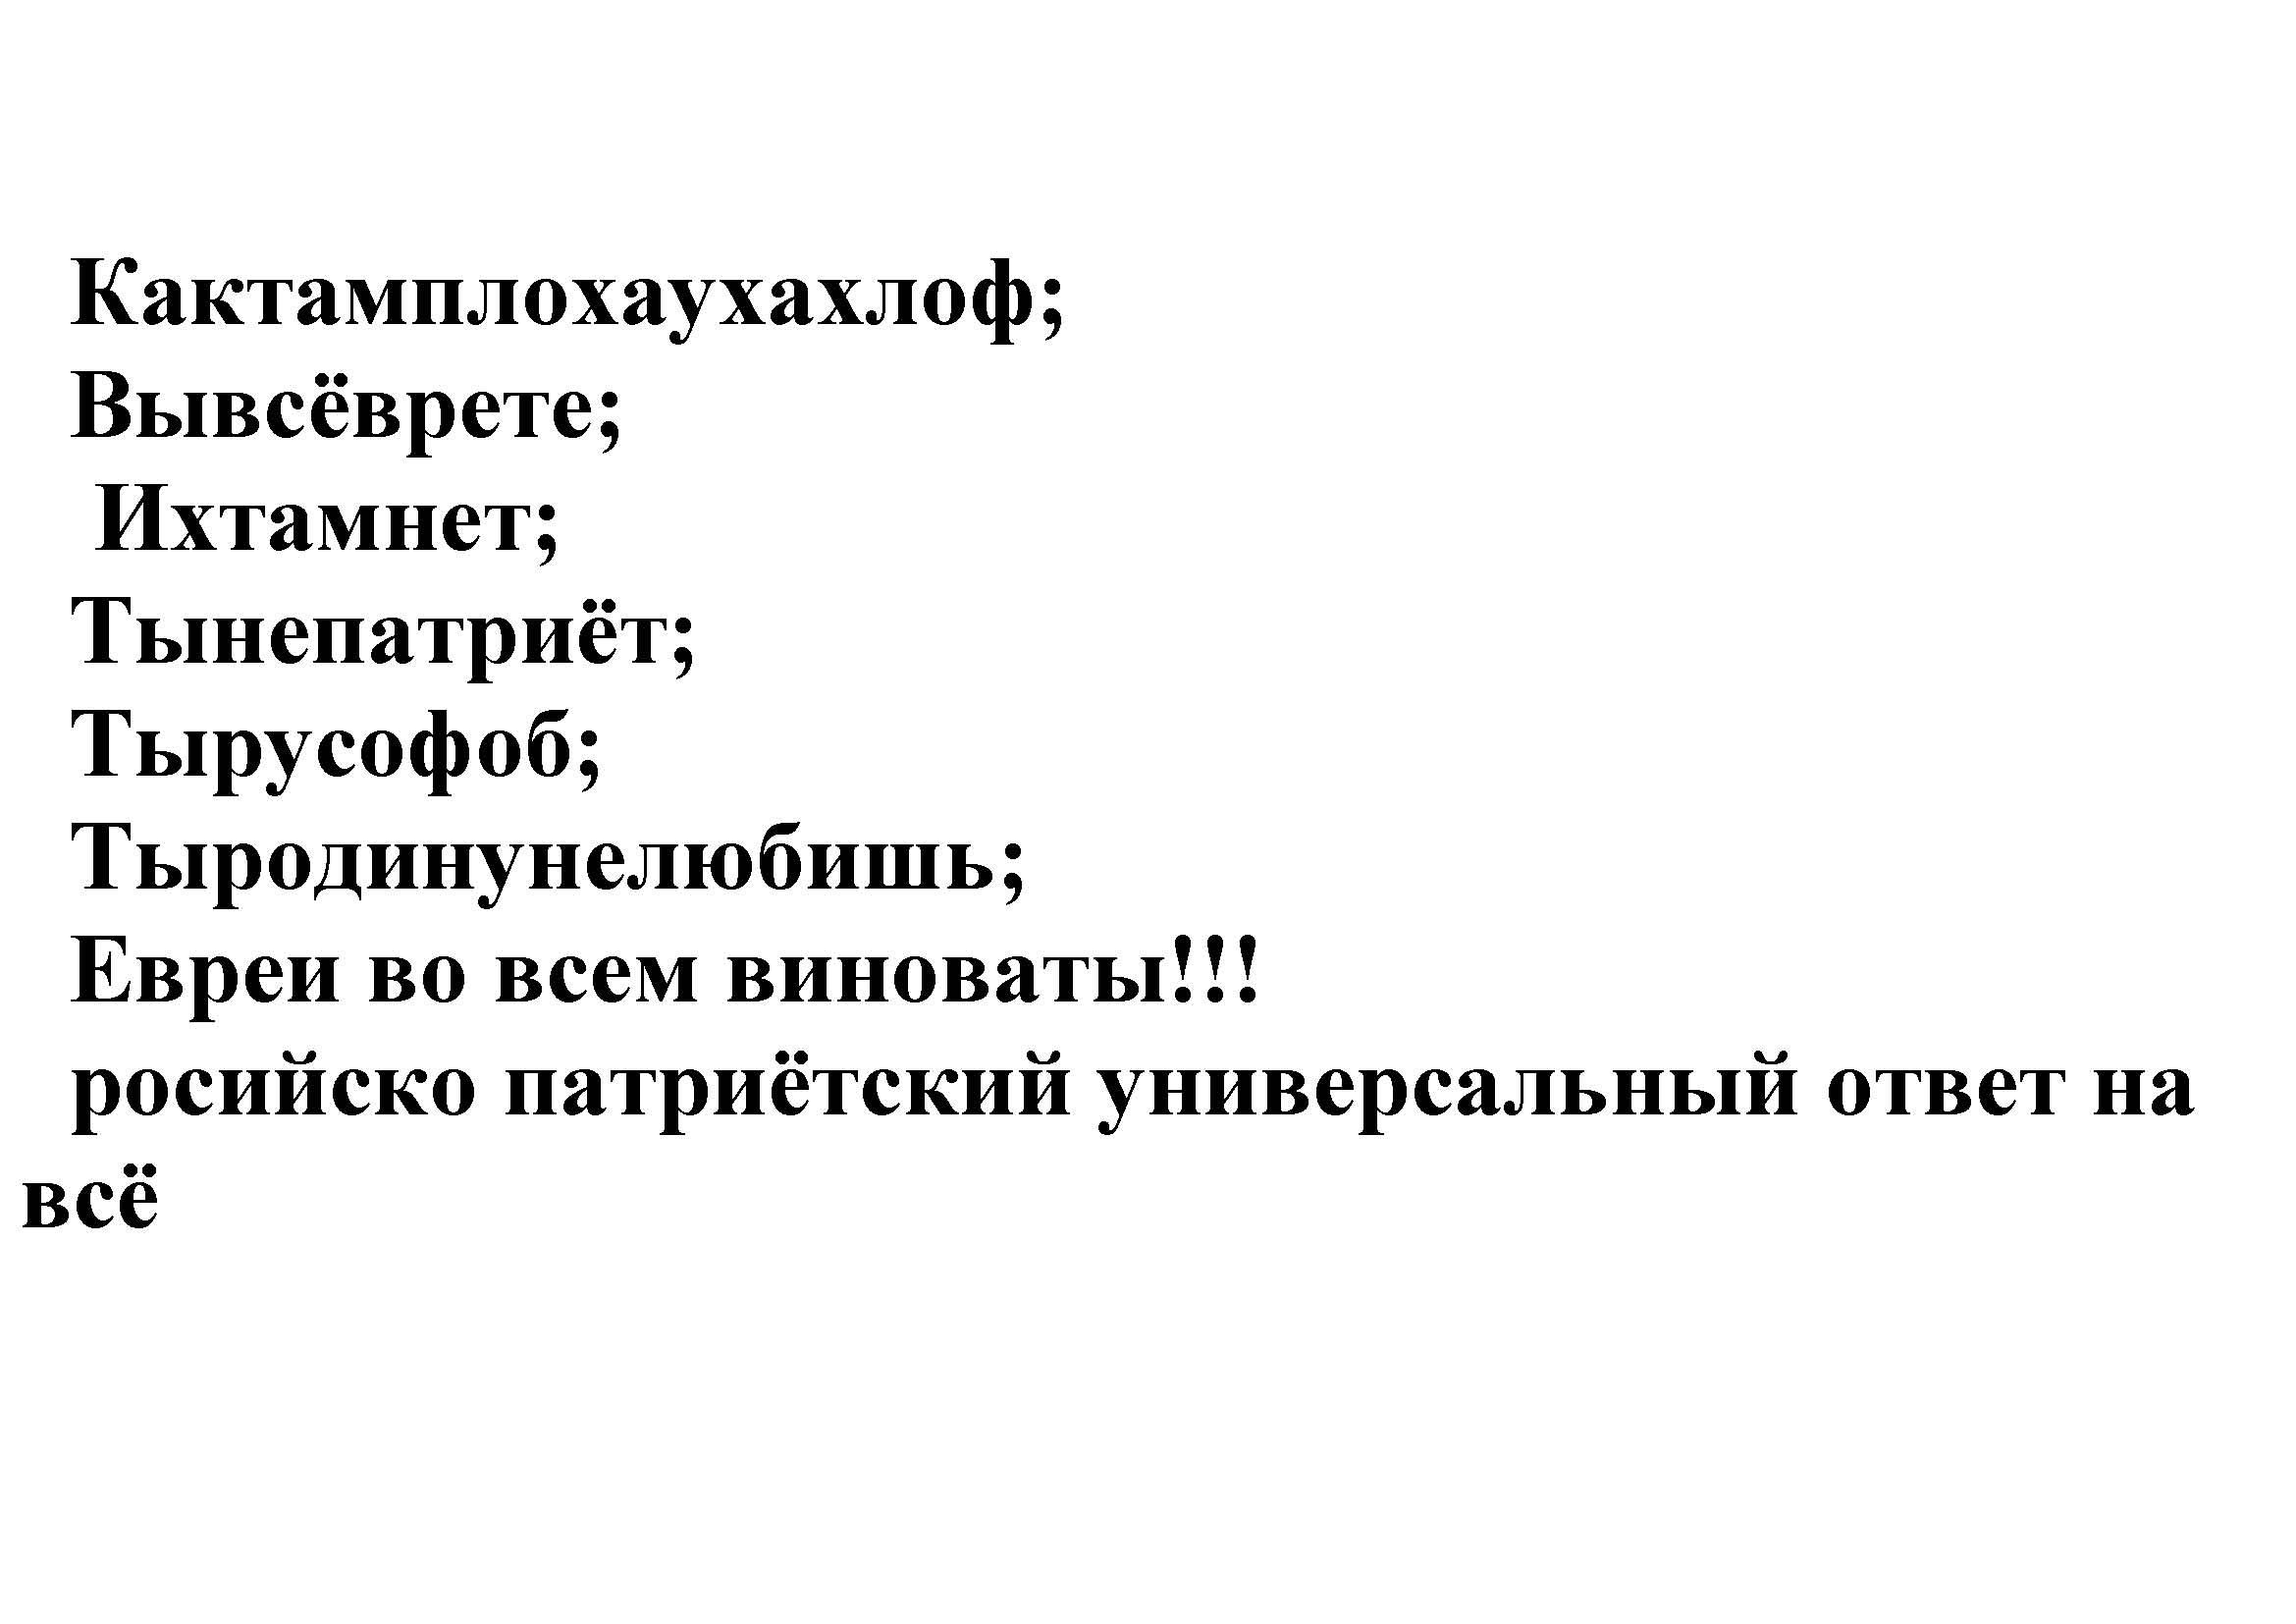 РОС ОТВЕТ.jpg